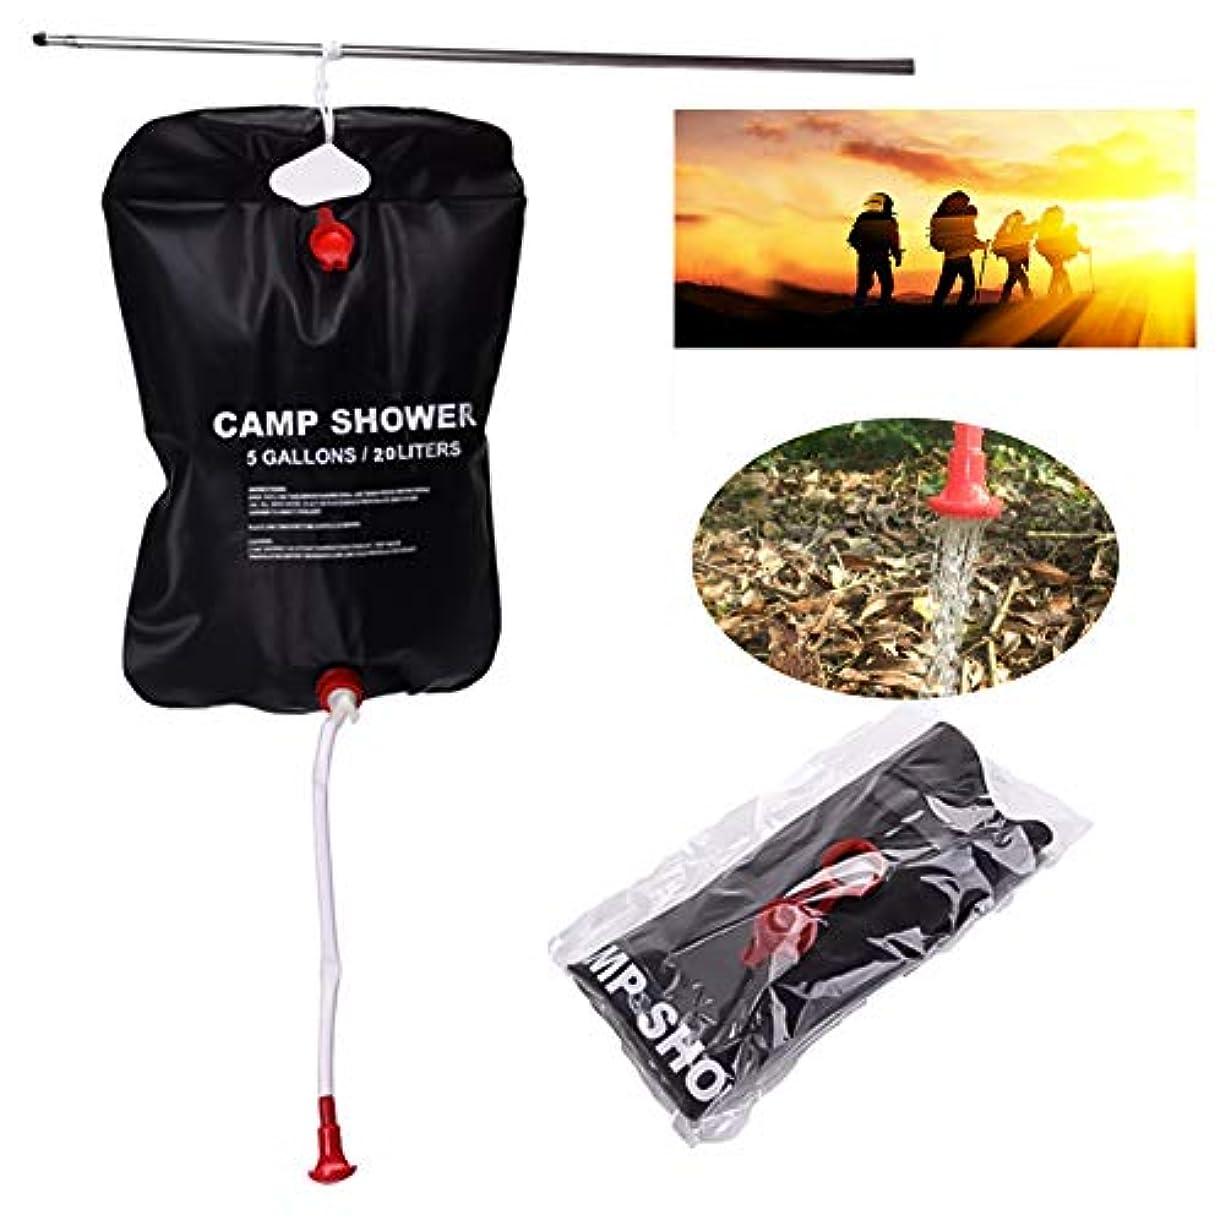 火山学者困った言い訳ポータブルソーラーシャワーバッグ アウトドア キャンプ シャワーバッグ キャンプ 水浴バッグ アウトドア 旅行 ハイキング 登山 ポータブル(5ガロン/20L)